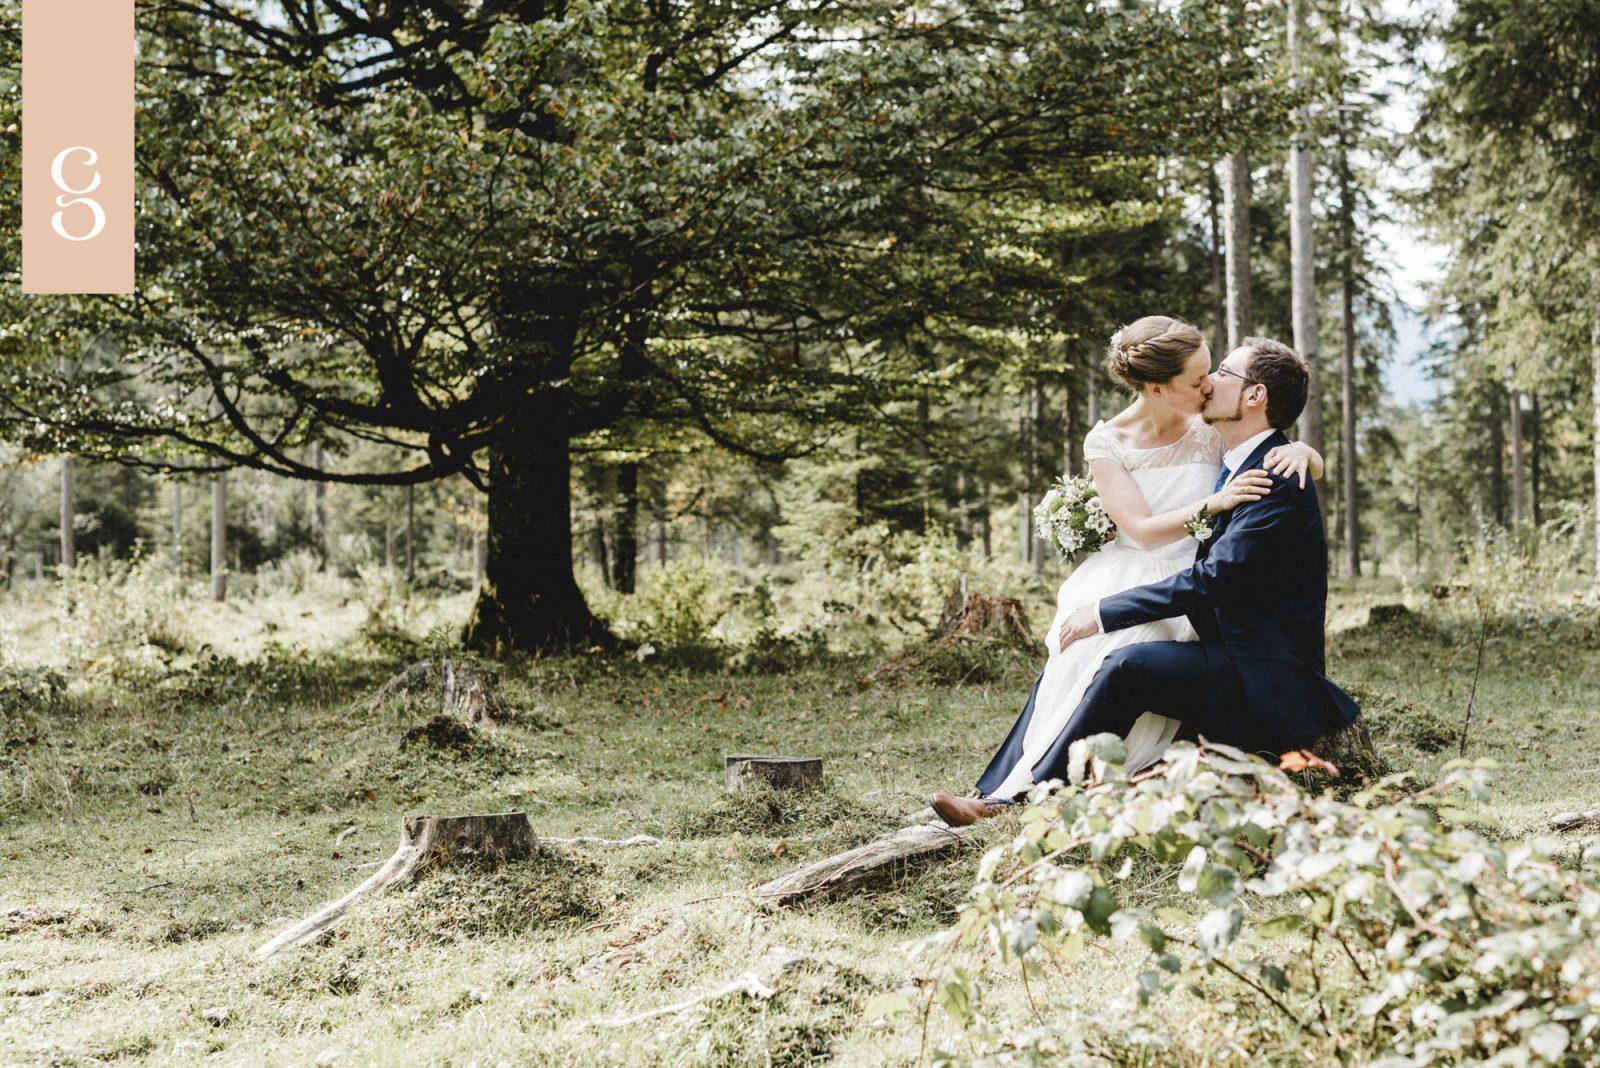 Fotograf_Goettges_Hochzeit_Wedding_Ramsau_Hintersee_Hirschbichl_Berchtesgaden_Hochzeitsfotograf-13